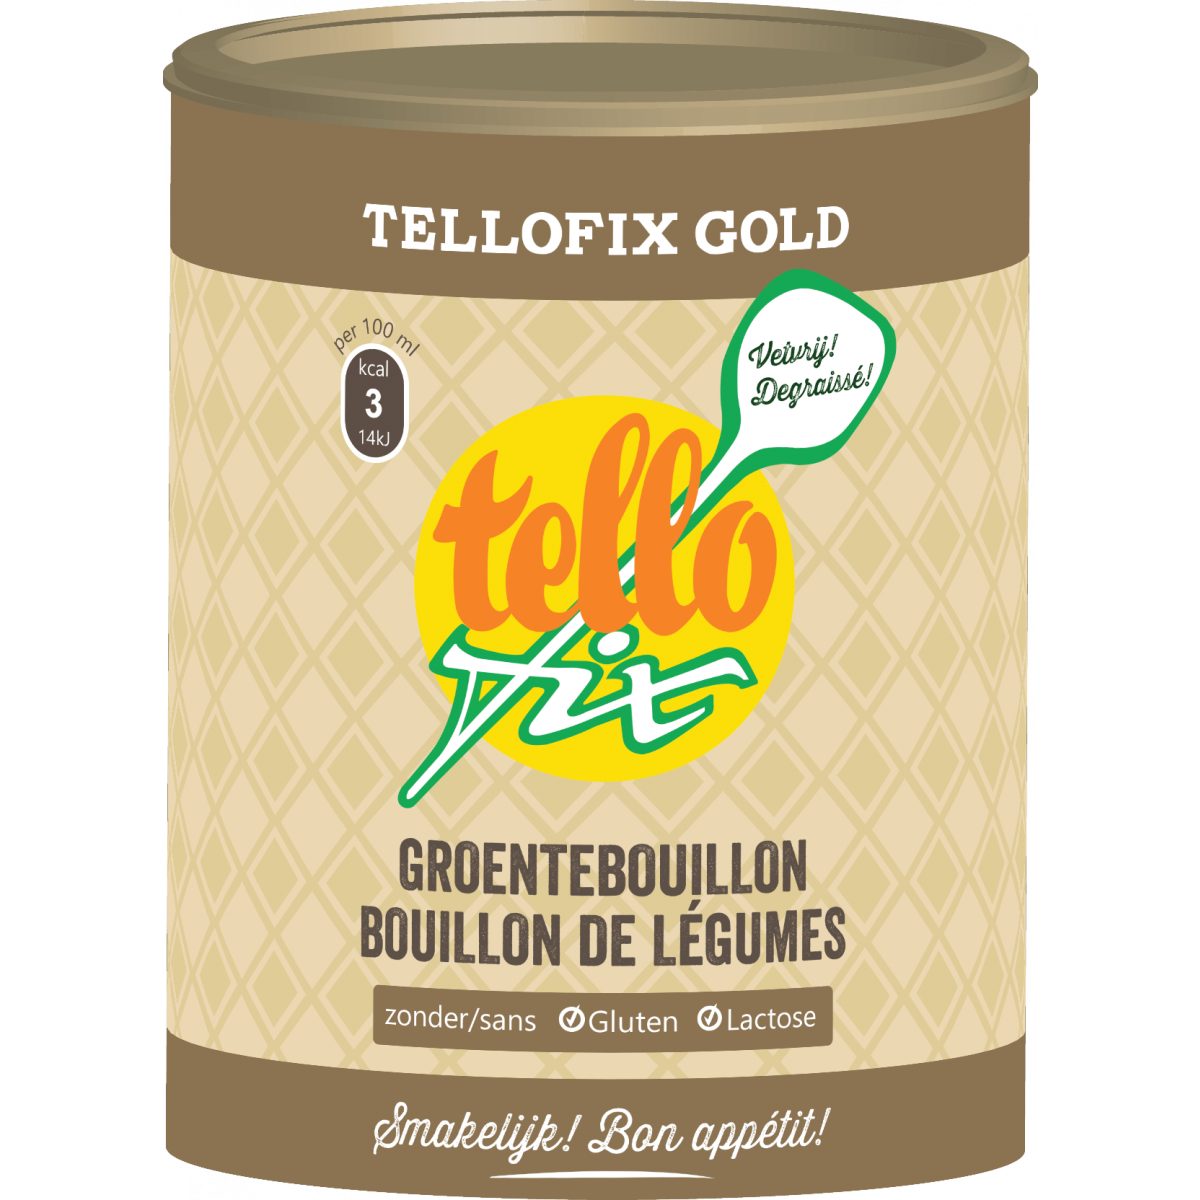 Tellofix Gold Groentebouillon 540 gram